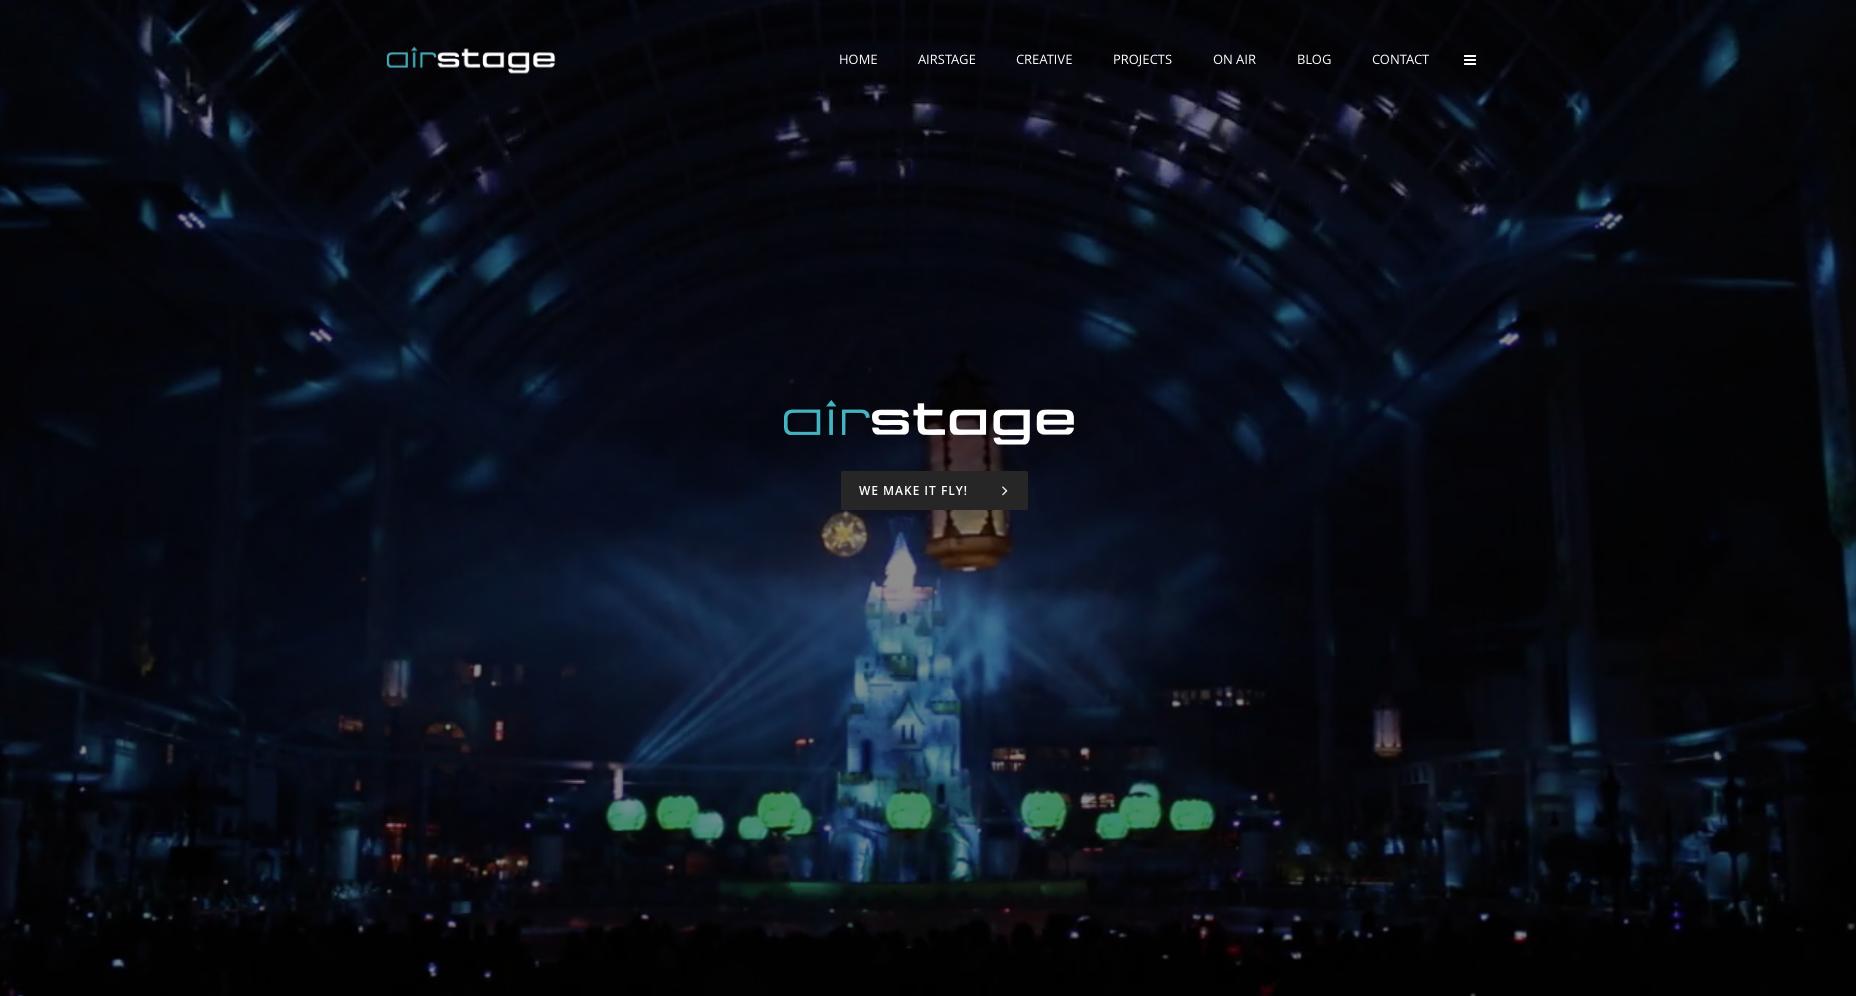 Airstage Website